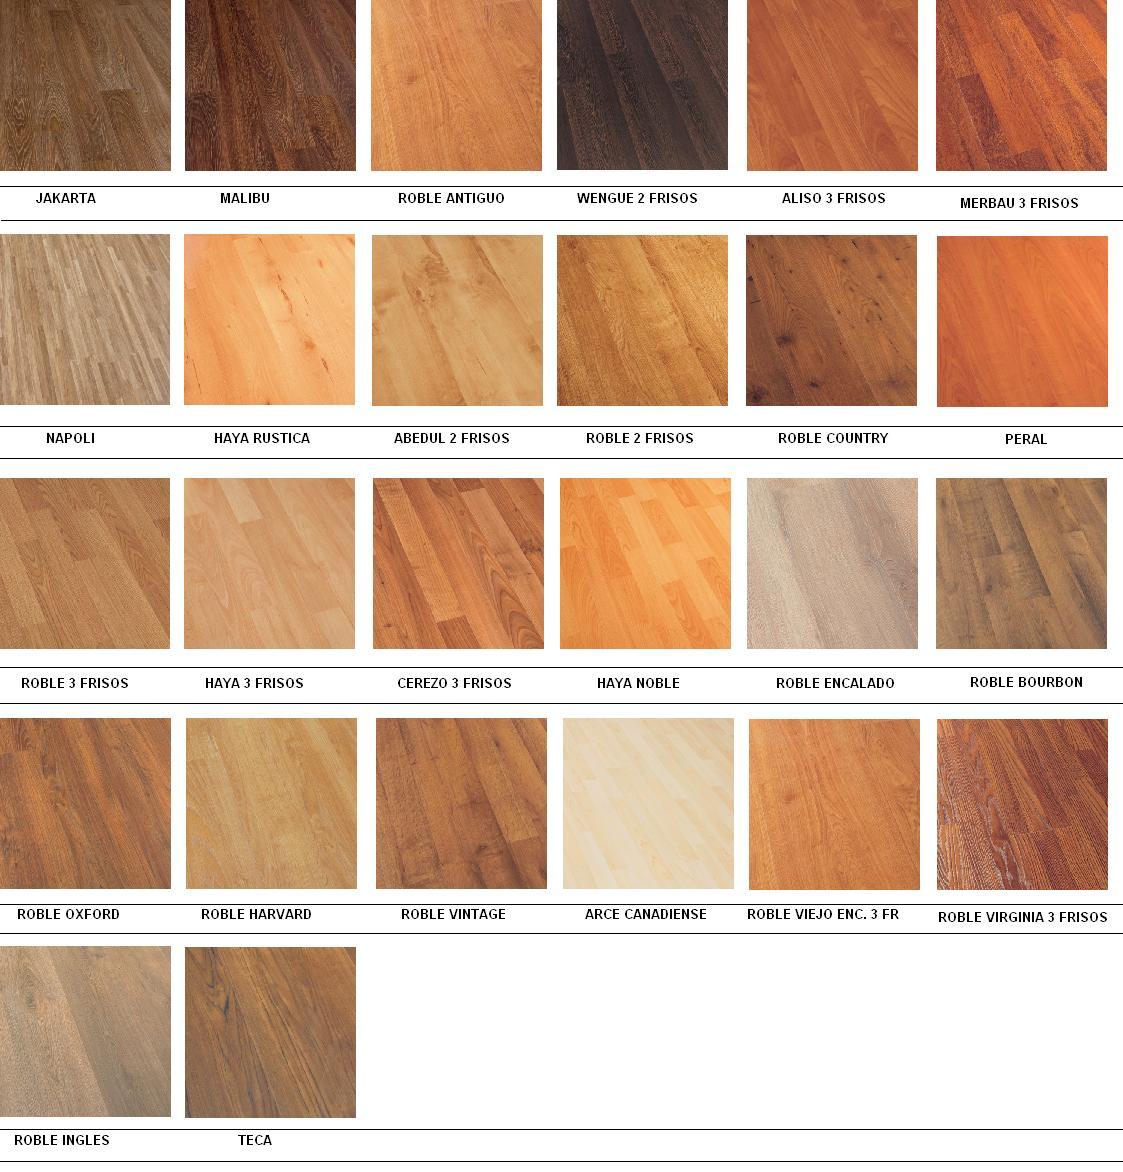 Soldinox suelos laminados for Suelos laminados colores